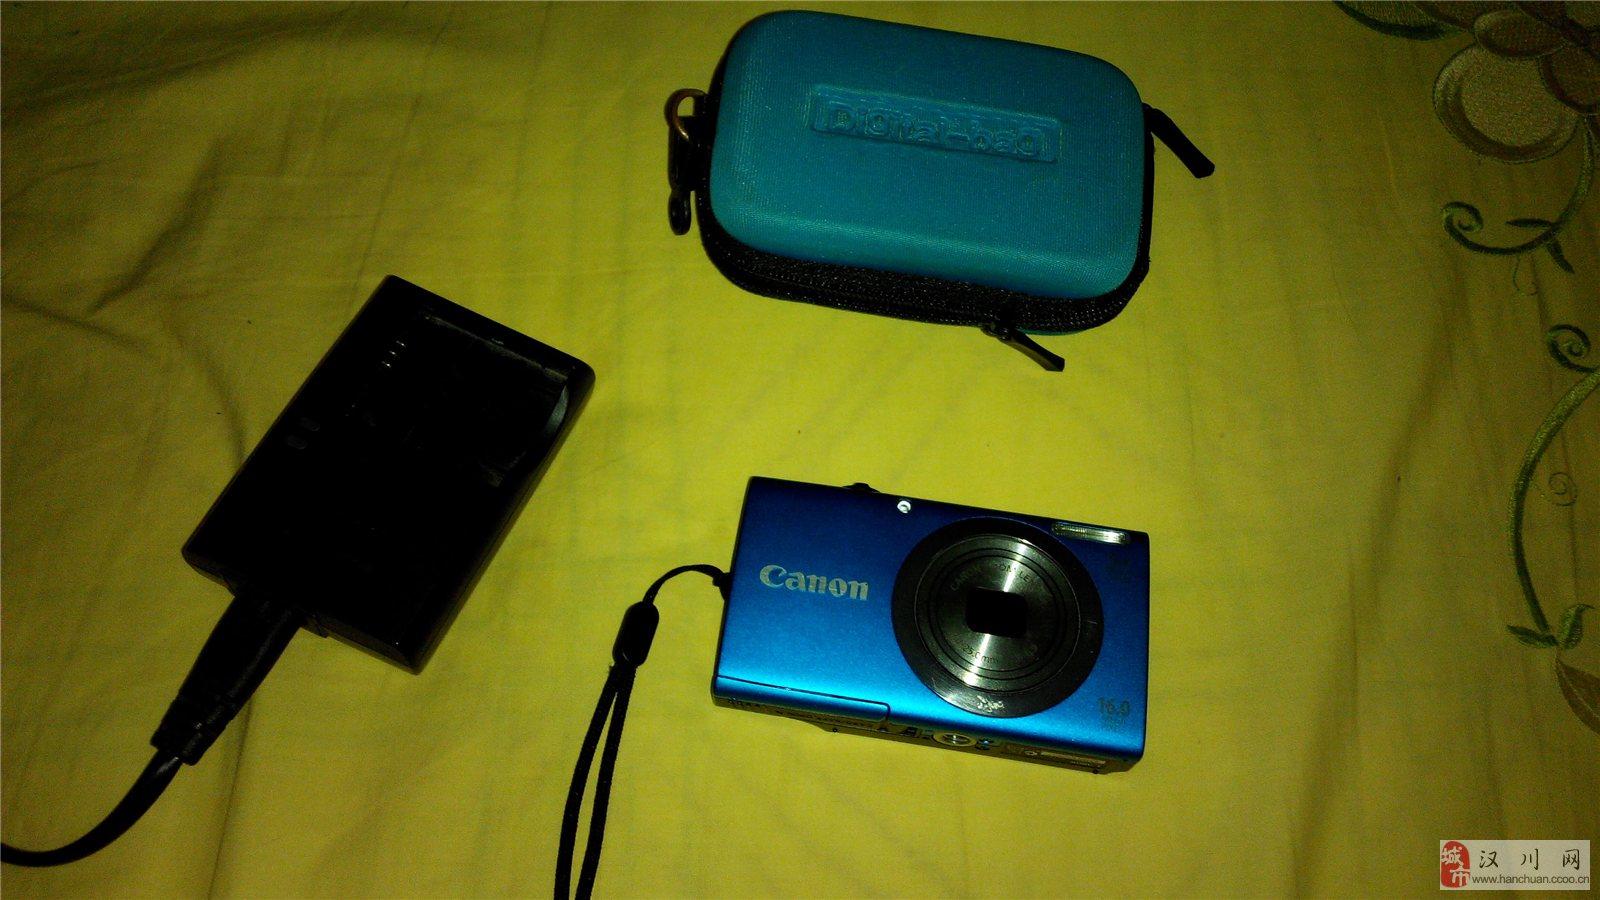 9成新佳能数码相机出售中百买的时候1099